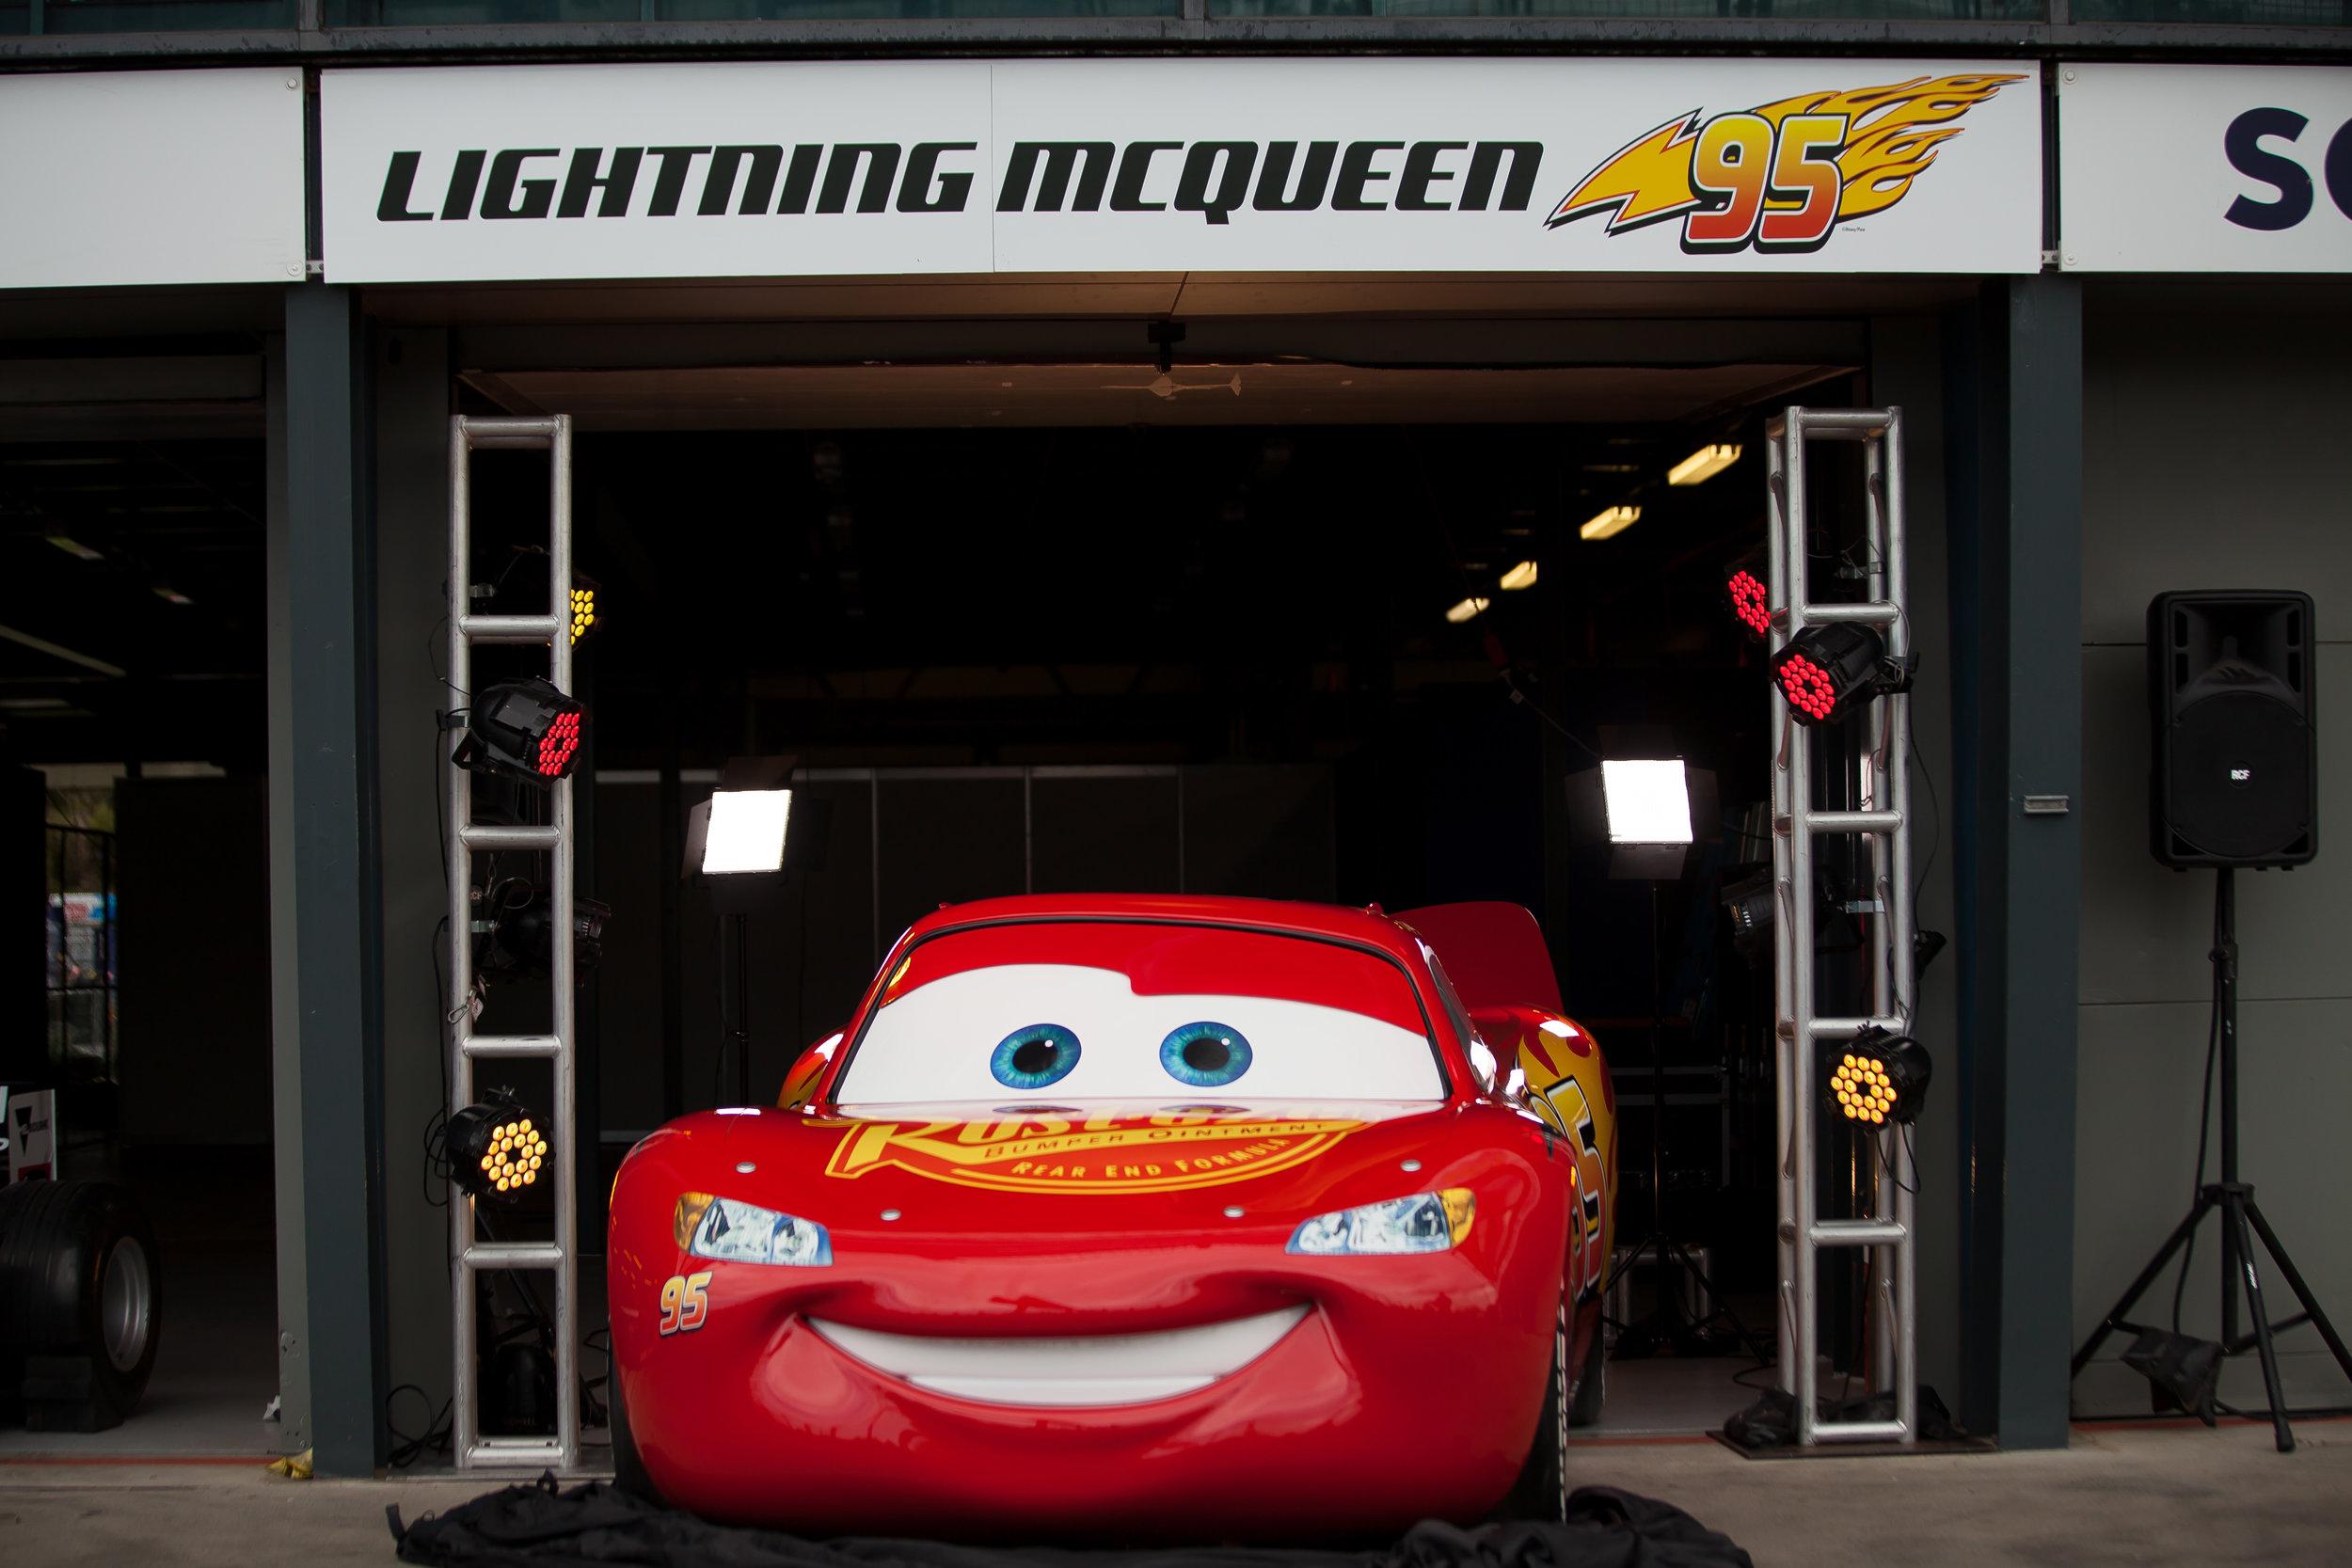 LightningMcQueen-Sept.jpg